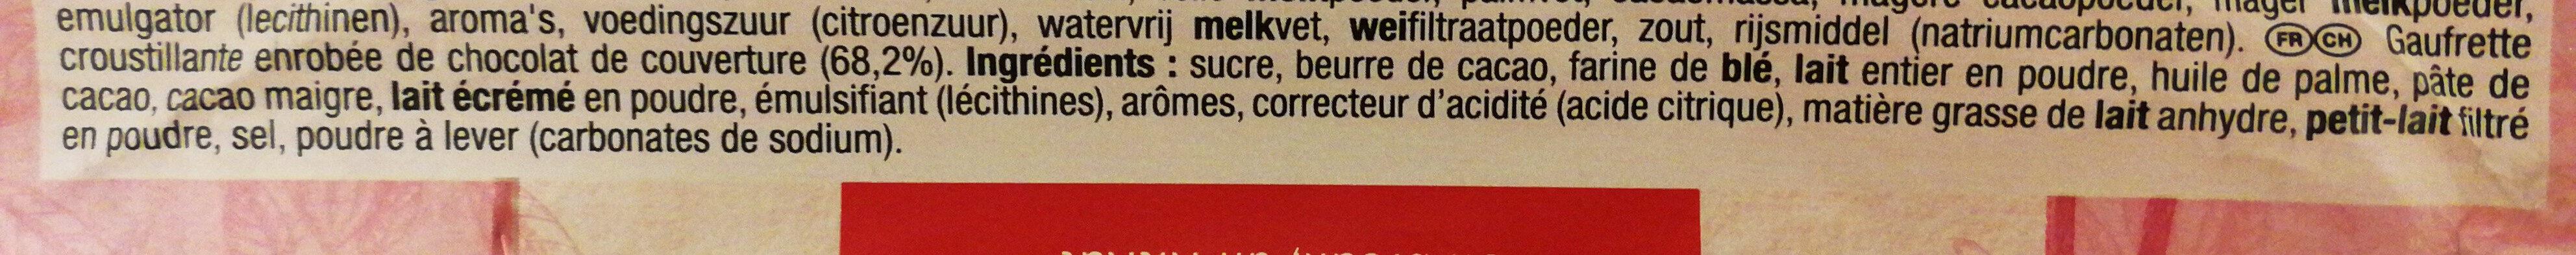 KitKat aux fèves de cacao Ruby - Ingrédients - fr